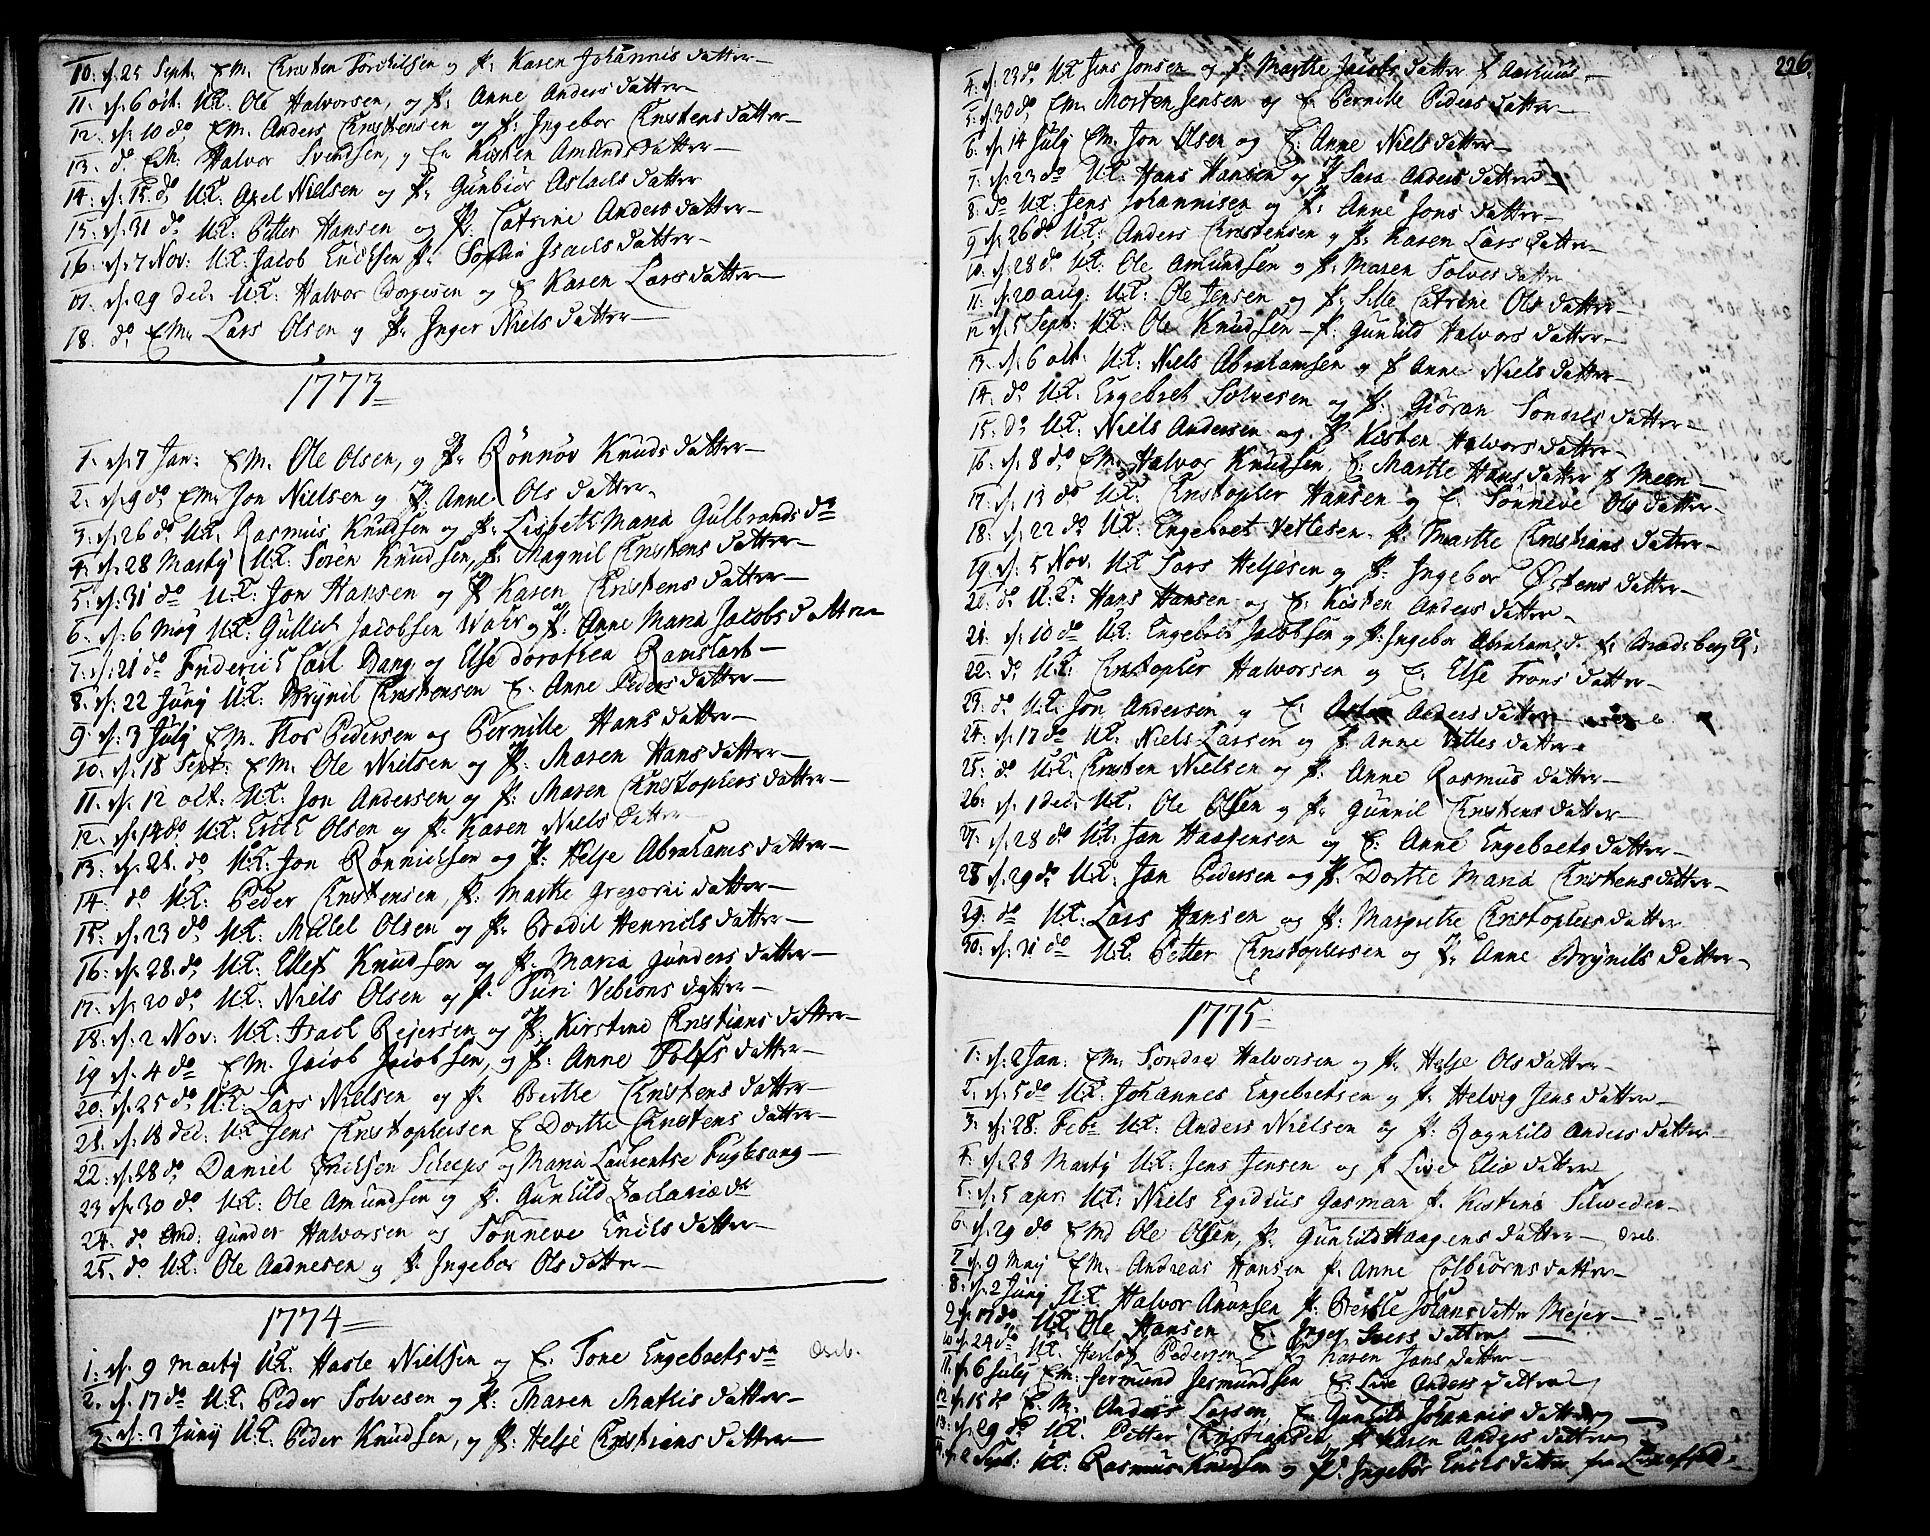 SAKO, Gjerpen kirkebøker, F/Fa/L0002: Ministerialbok nr. 2, 1747-1795, s. 226